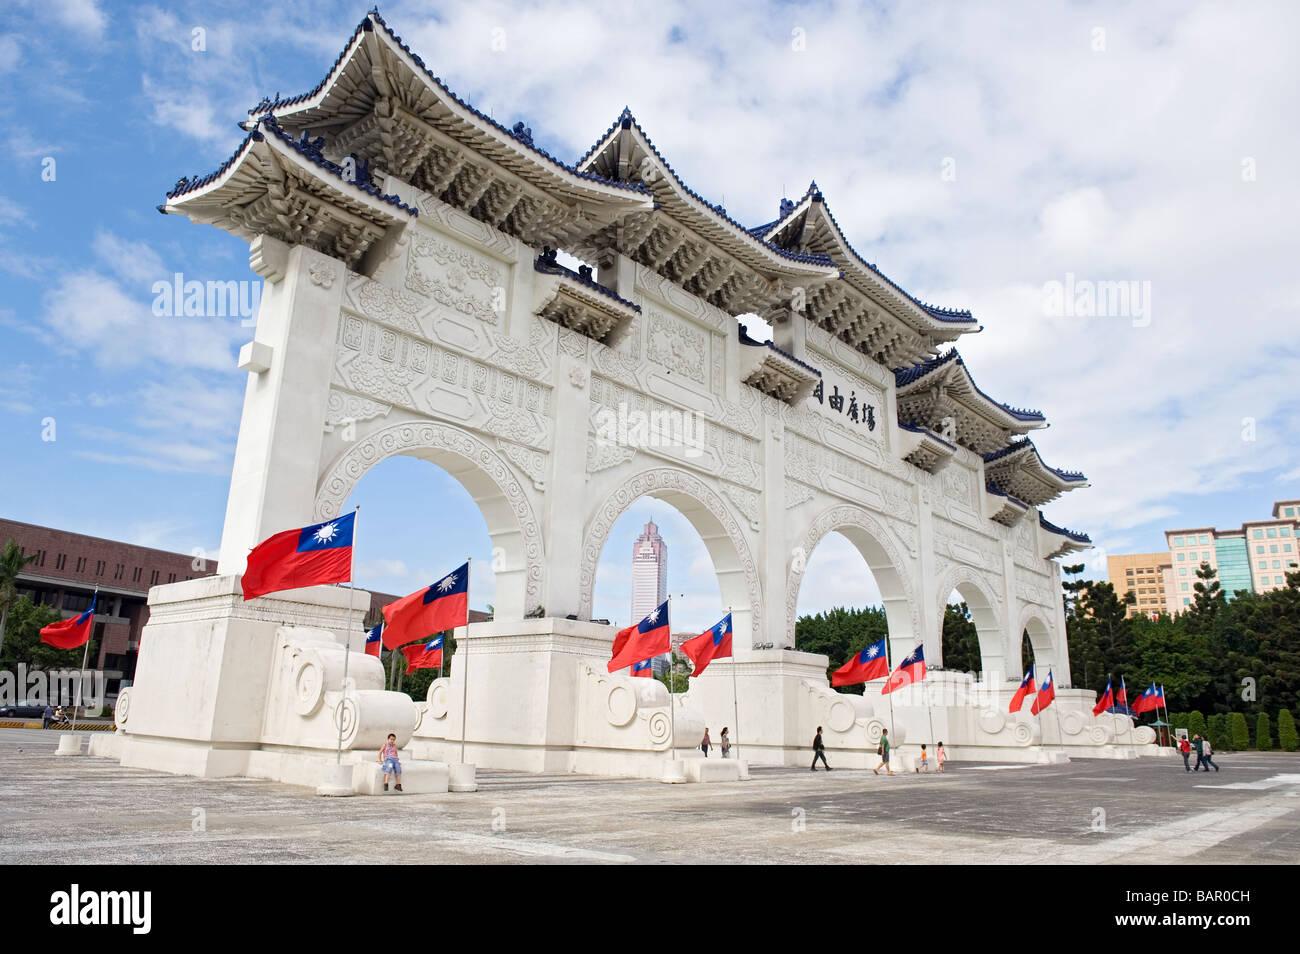 La porte d'une grande place centrale et parfaite droiture. Taipei, Taiwan. Photo Stock